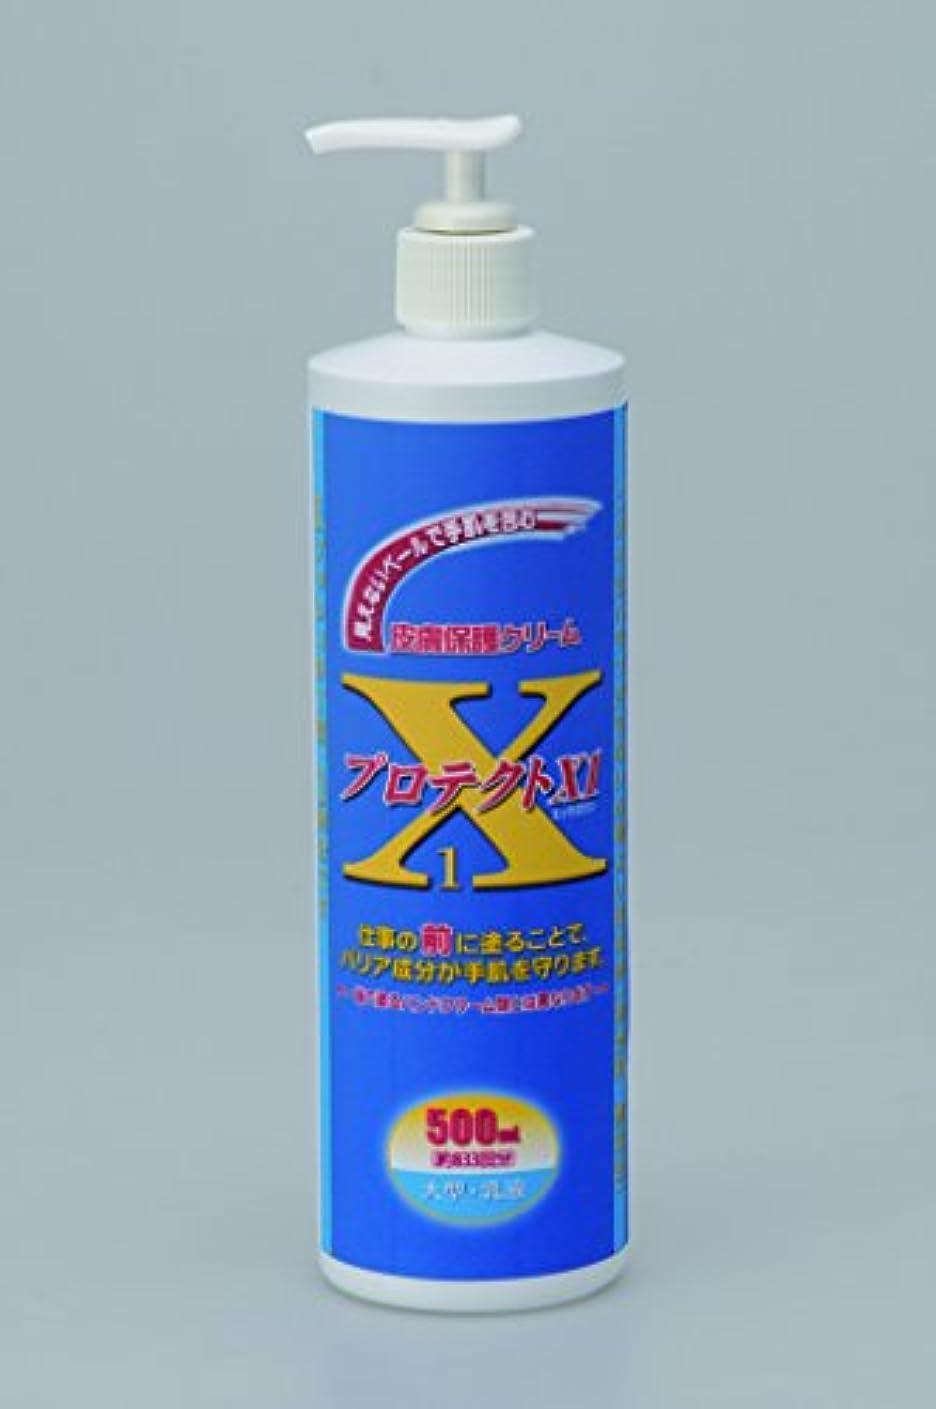 インク続けるクレア皮膚保護クリーム プロテクトX1 500ml